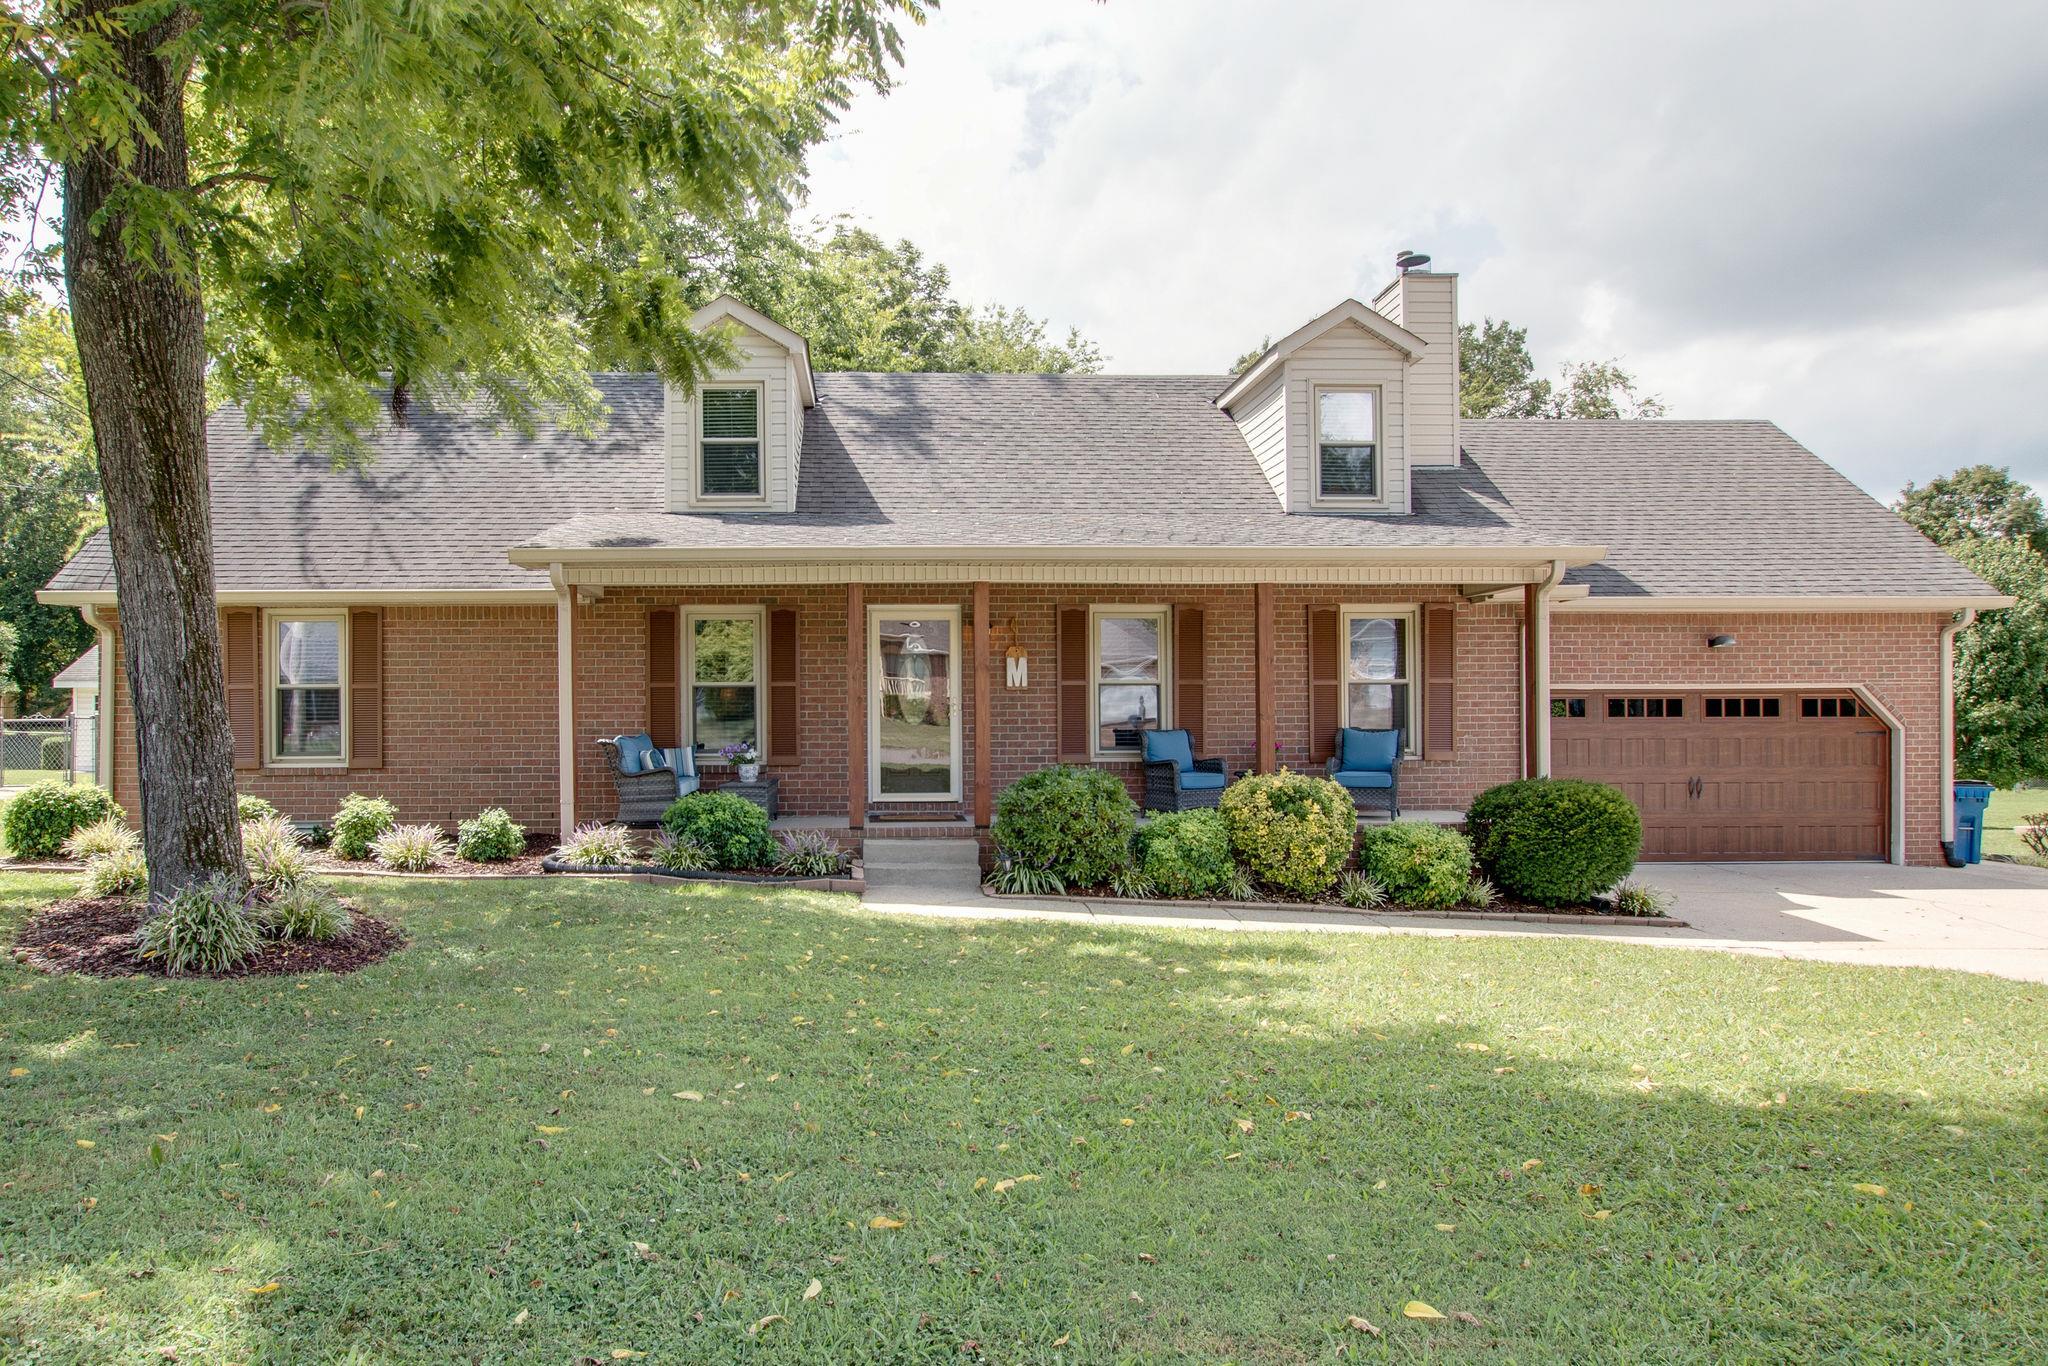 Bent Tree Sec 4 Real Estate Listings Main Image